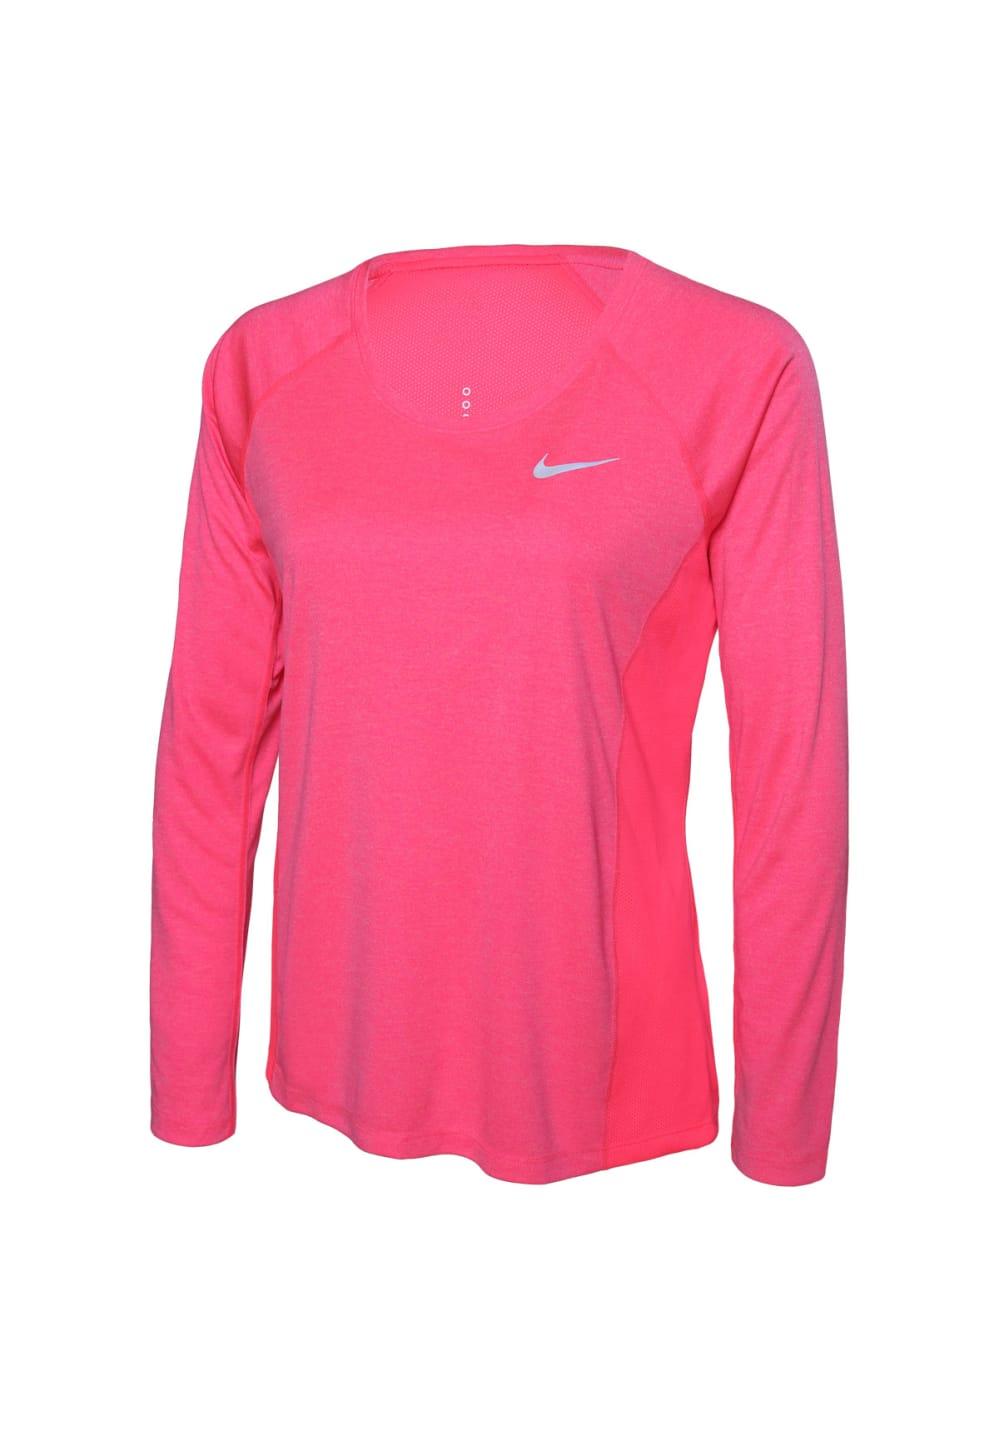 Nike Dry Miler Running Top Laufshirts für Damen Rot